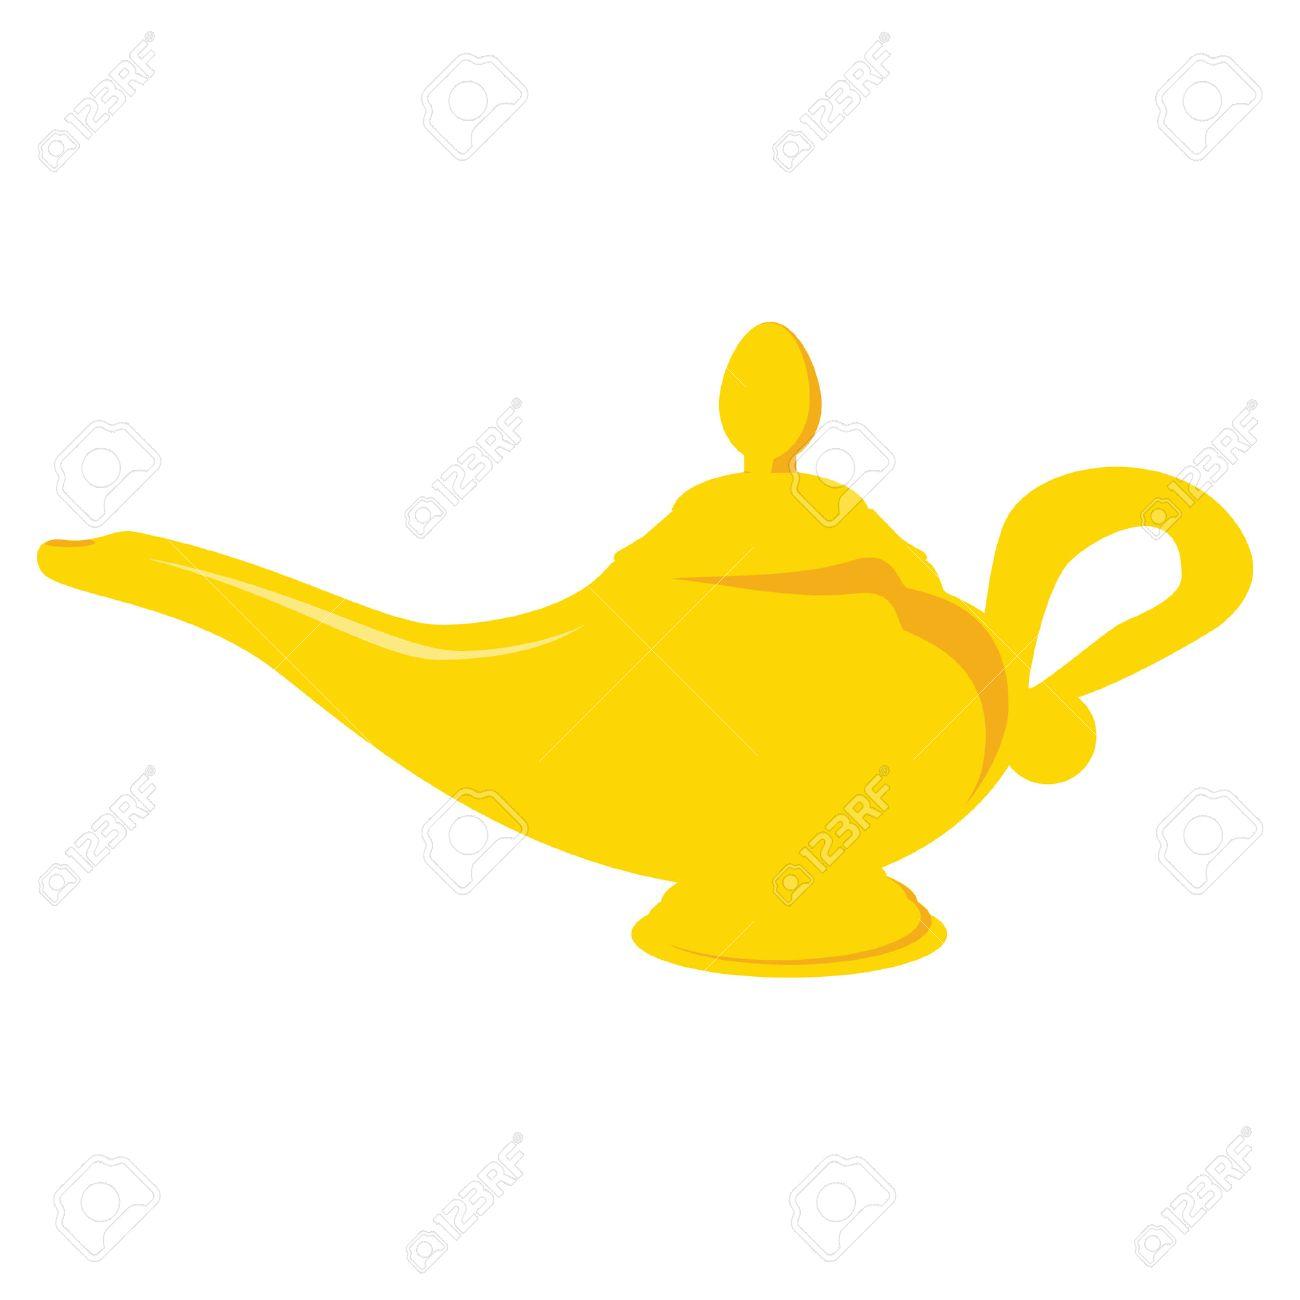 Or Aladdin Lampe Magique Vecteur Isolé Alladin Lampe Lampe Aladin